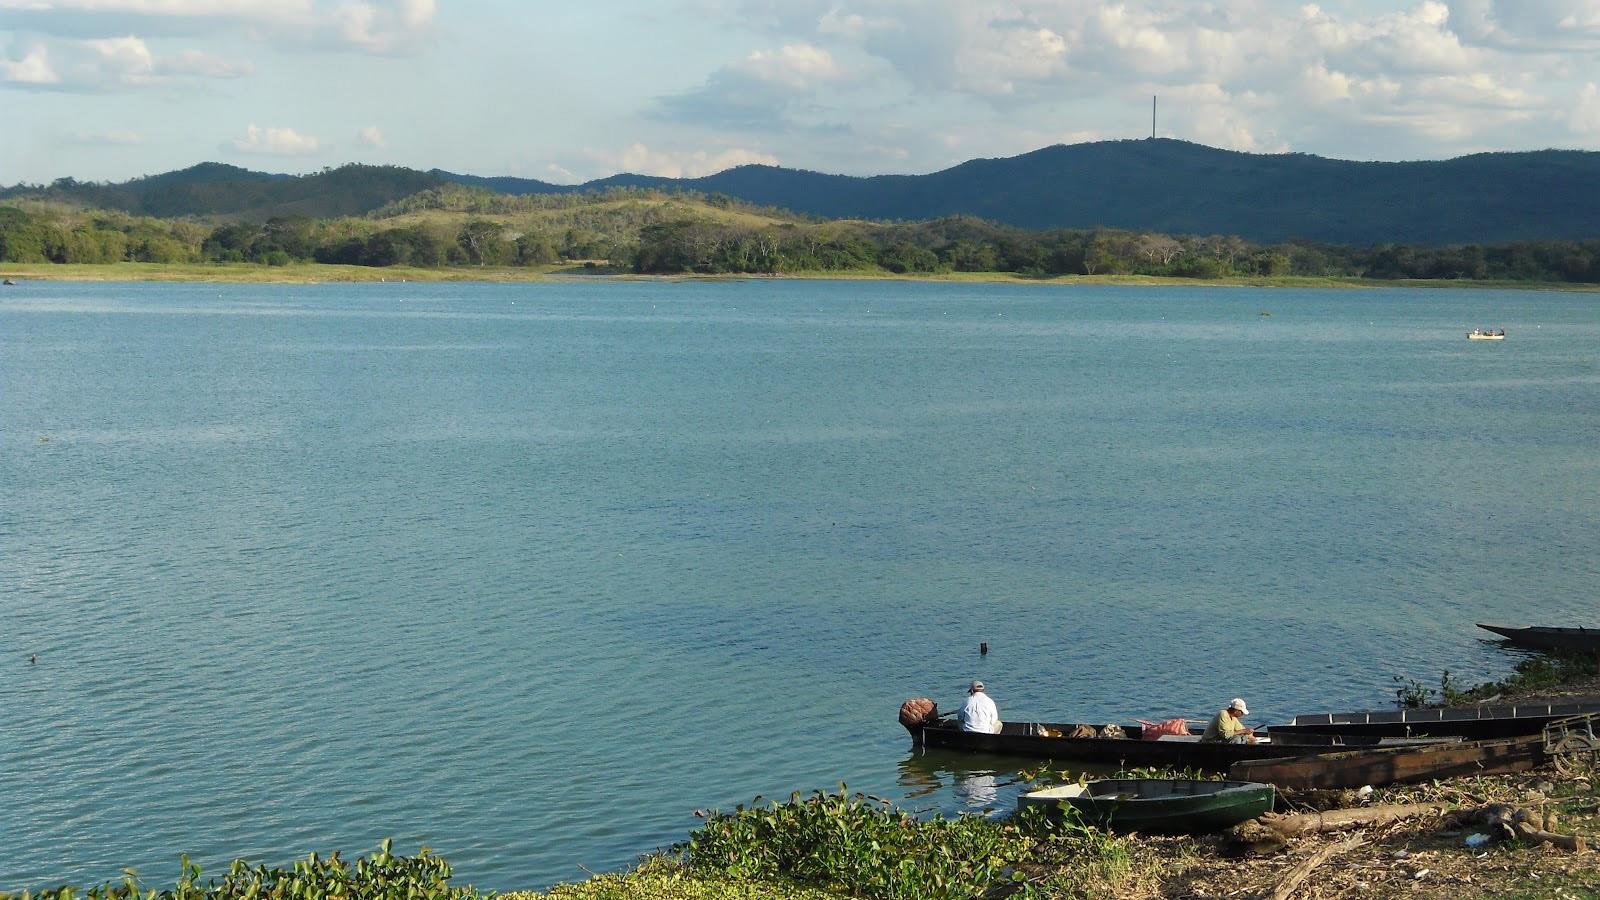 Buscan proteger los ríos. Se ha avanzado en el uso de tecnologías limpias